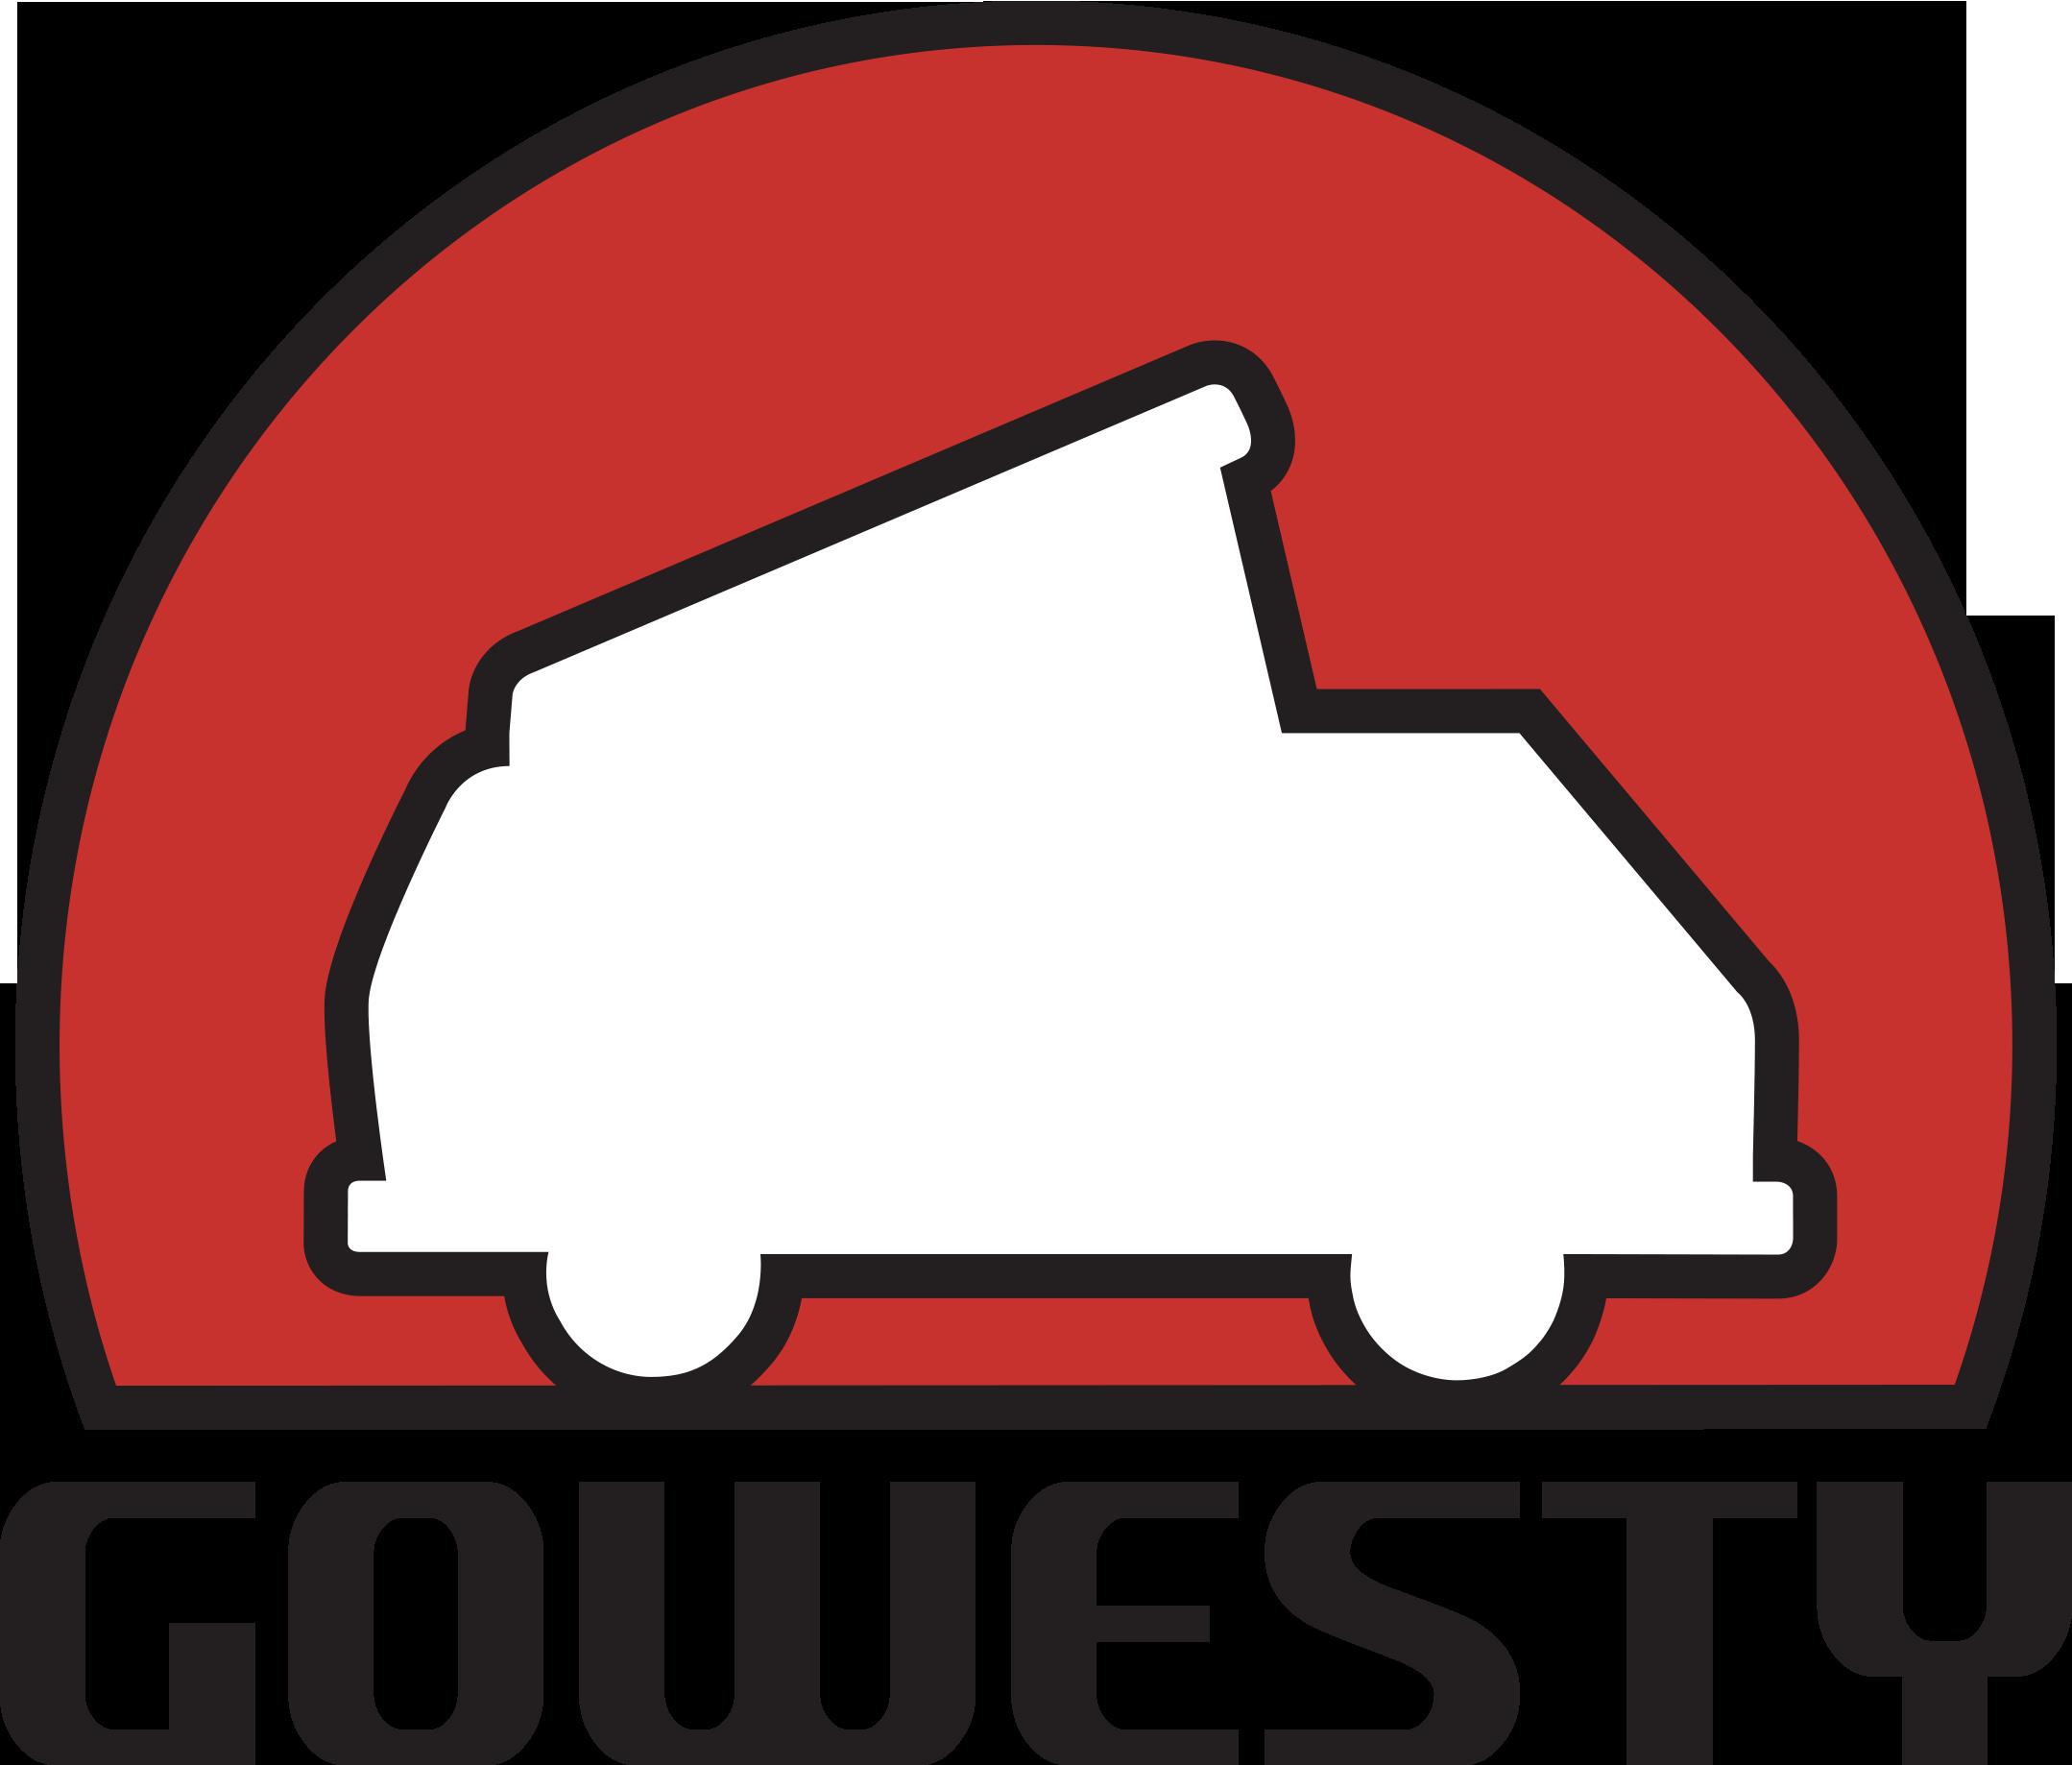 gowesty_logo_original.png